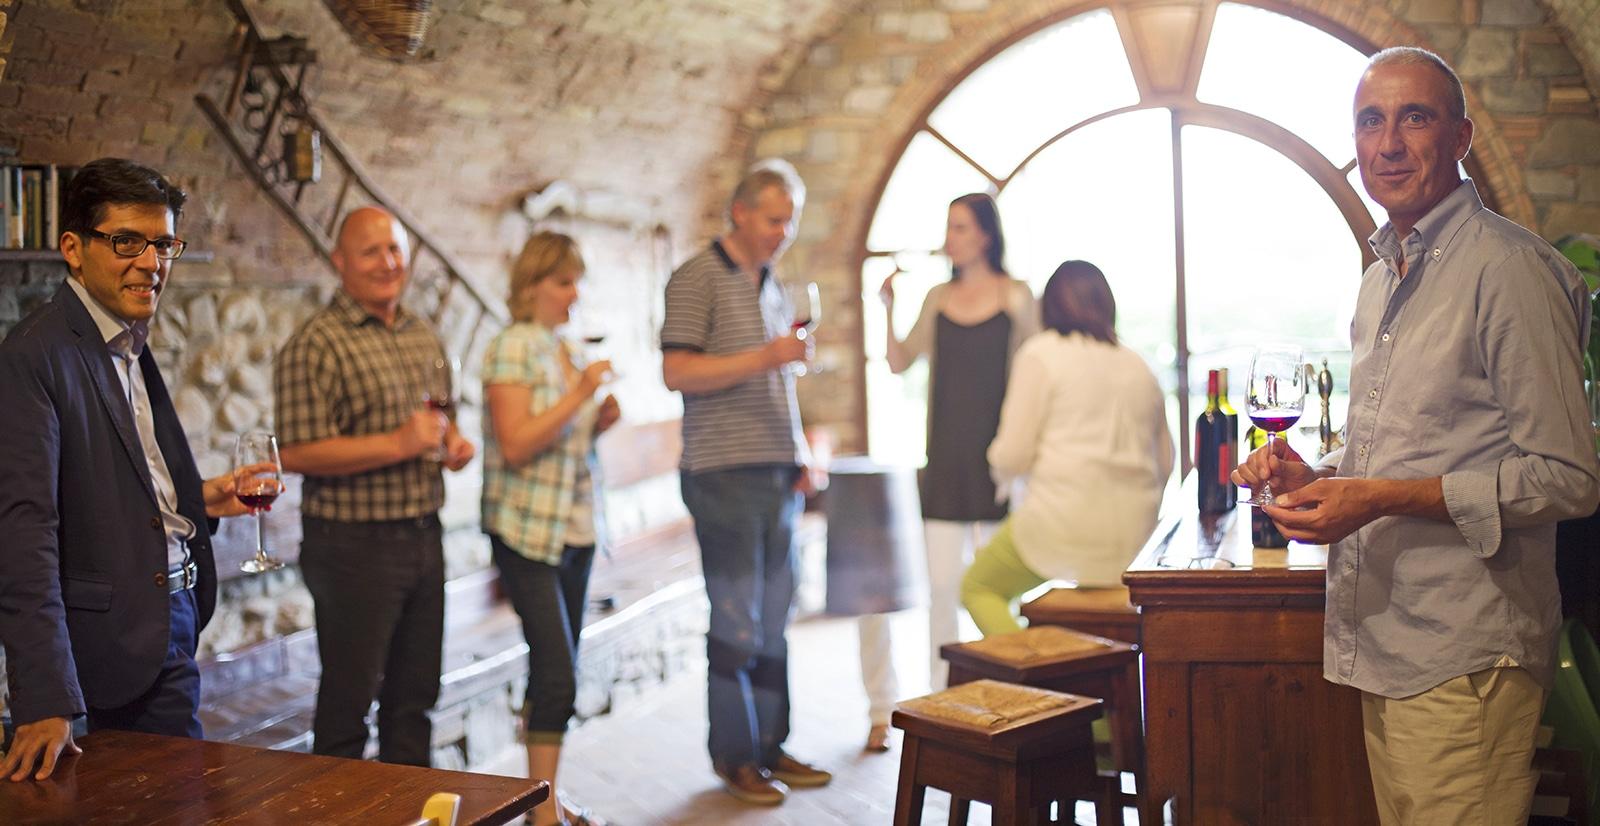 cantina wine bar #4